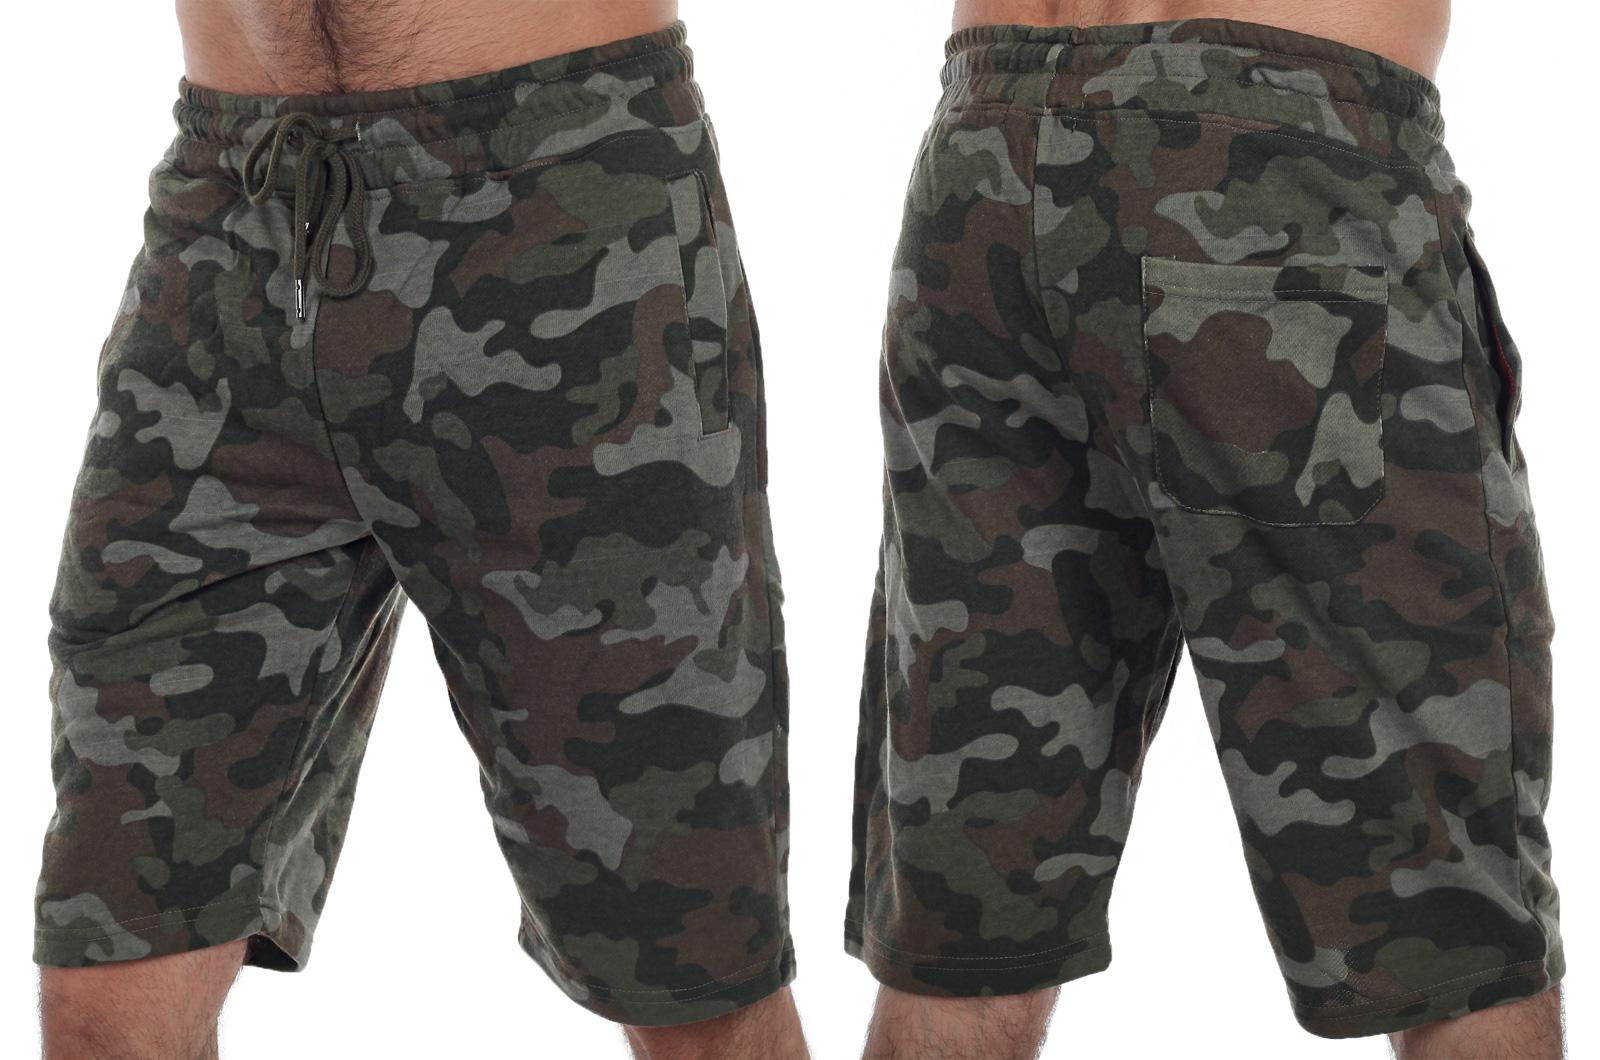 Хлопковые мужские camo-шорты из милитари линейки ТМ IZZUE